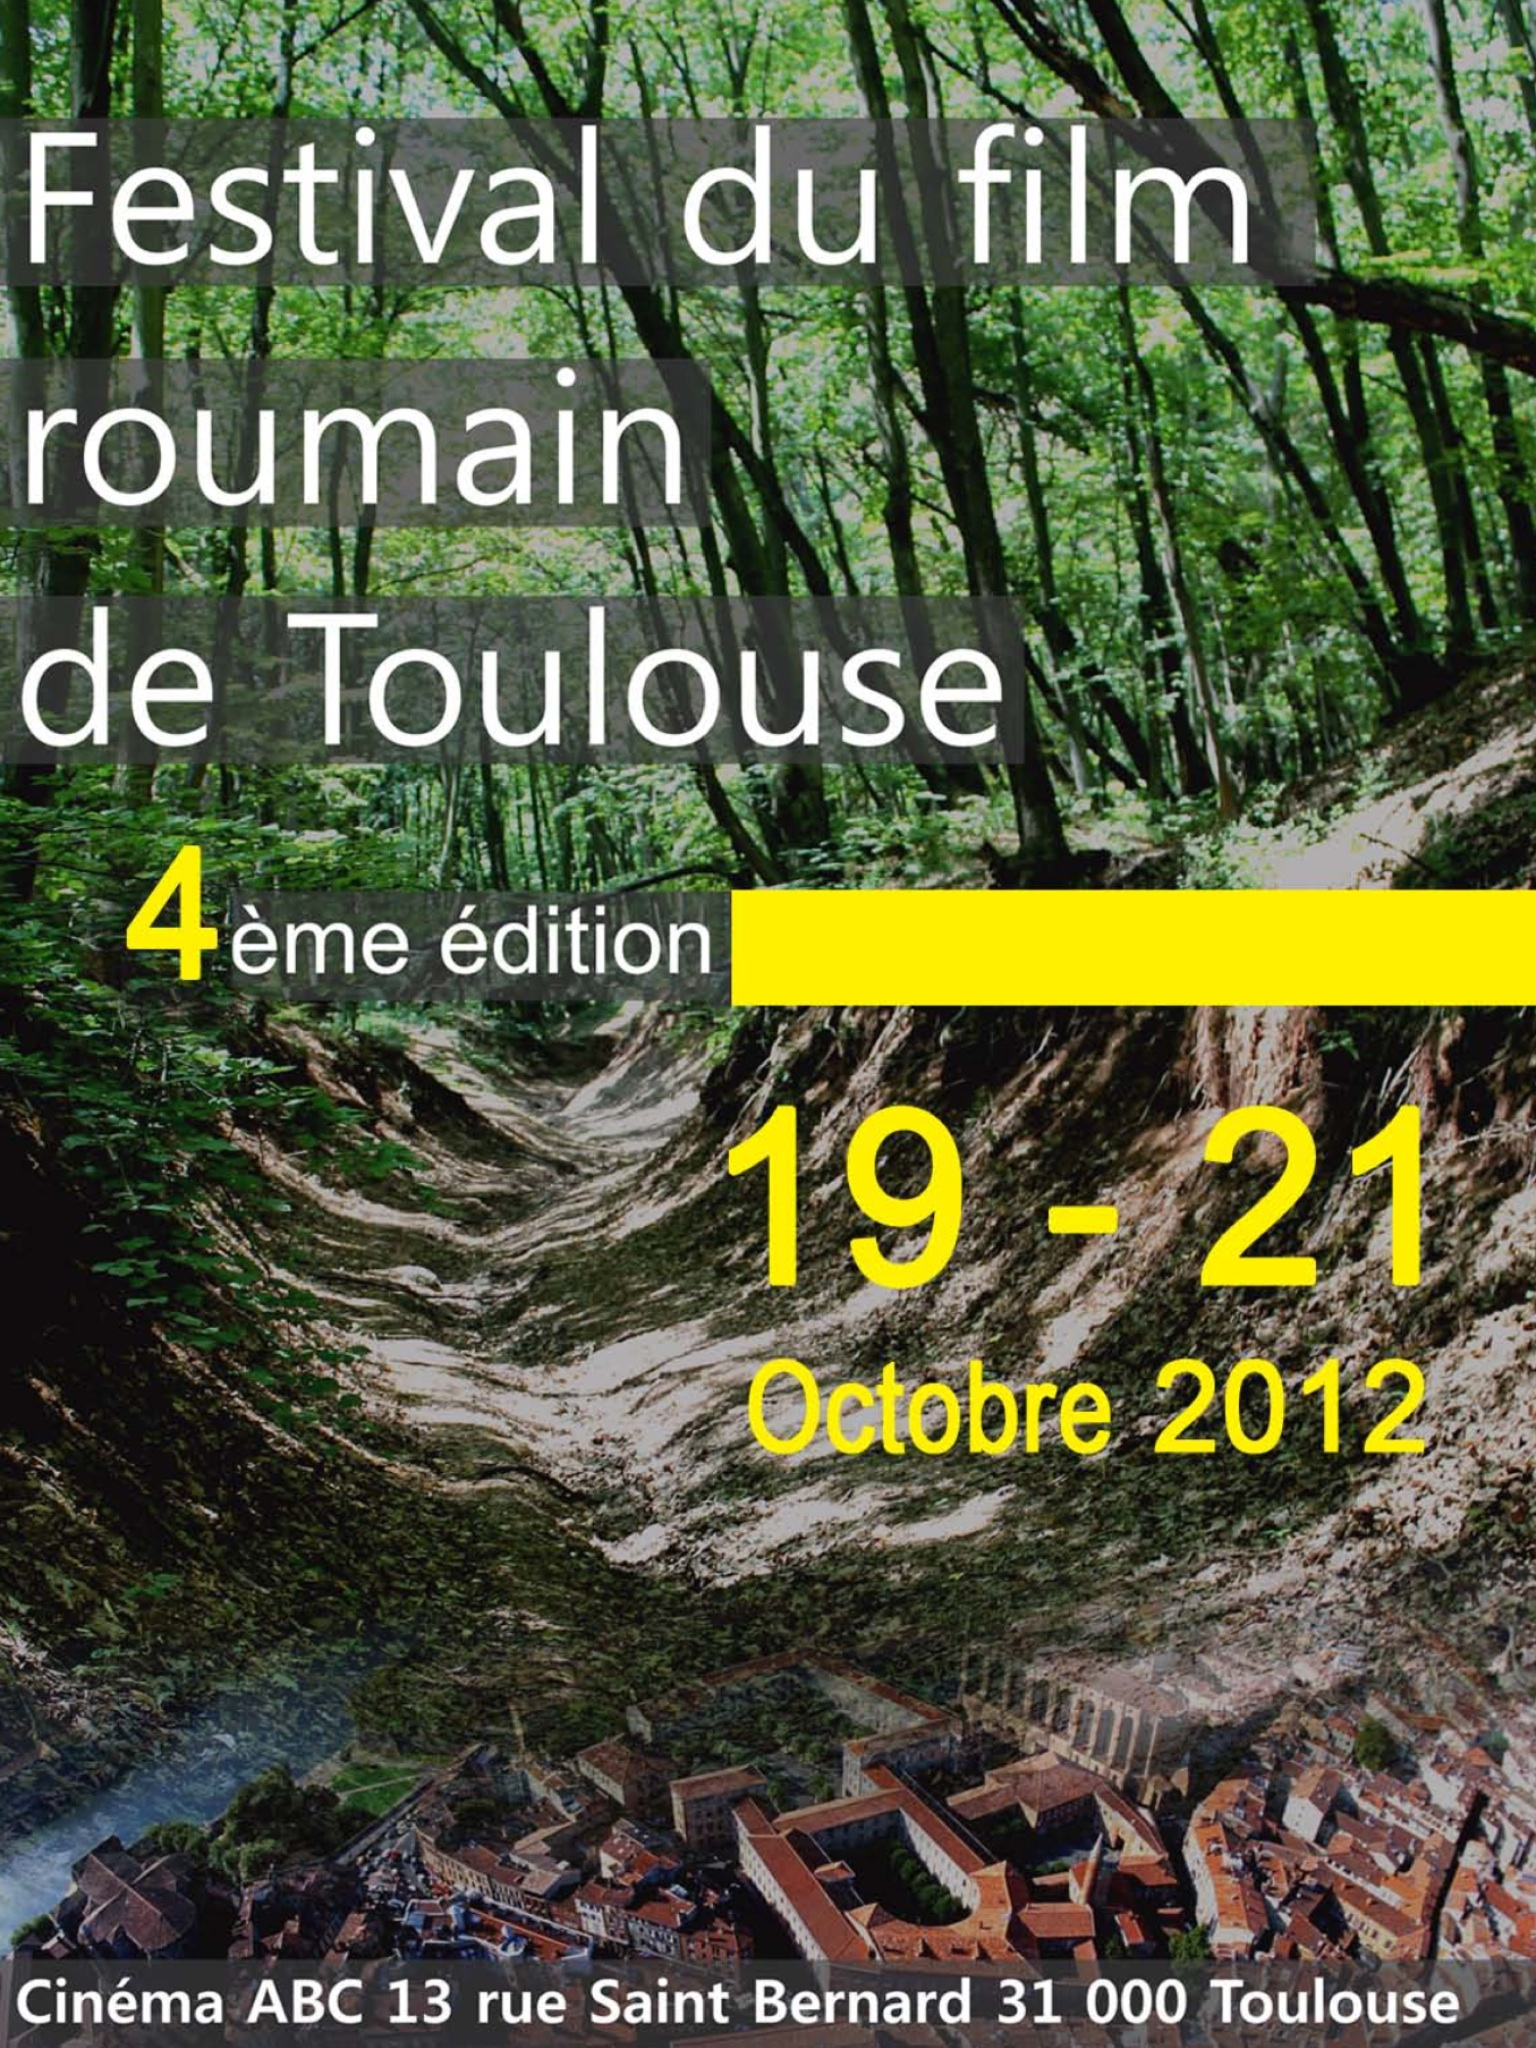 Festival du film roumain de Toulouse, 2012